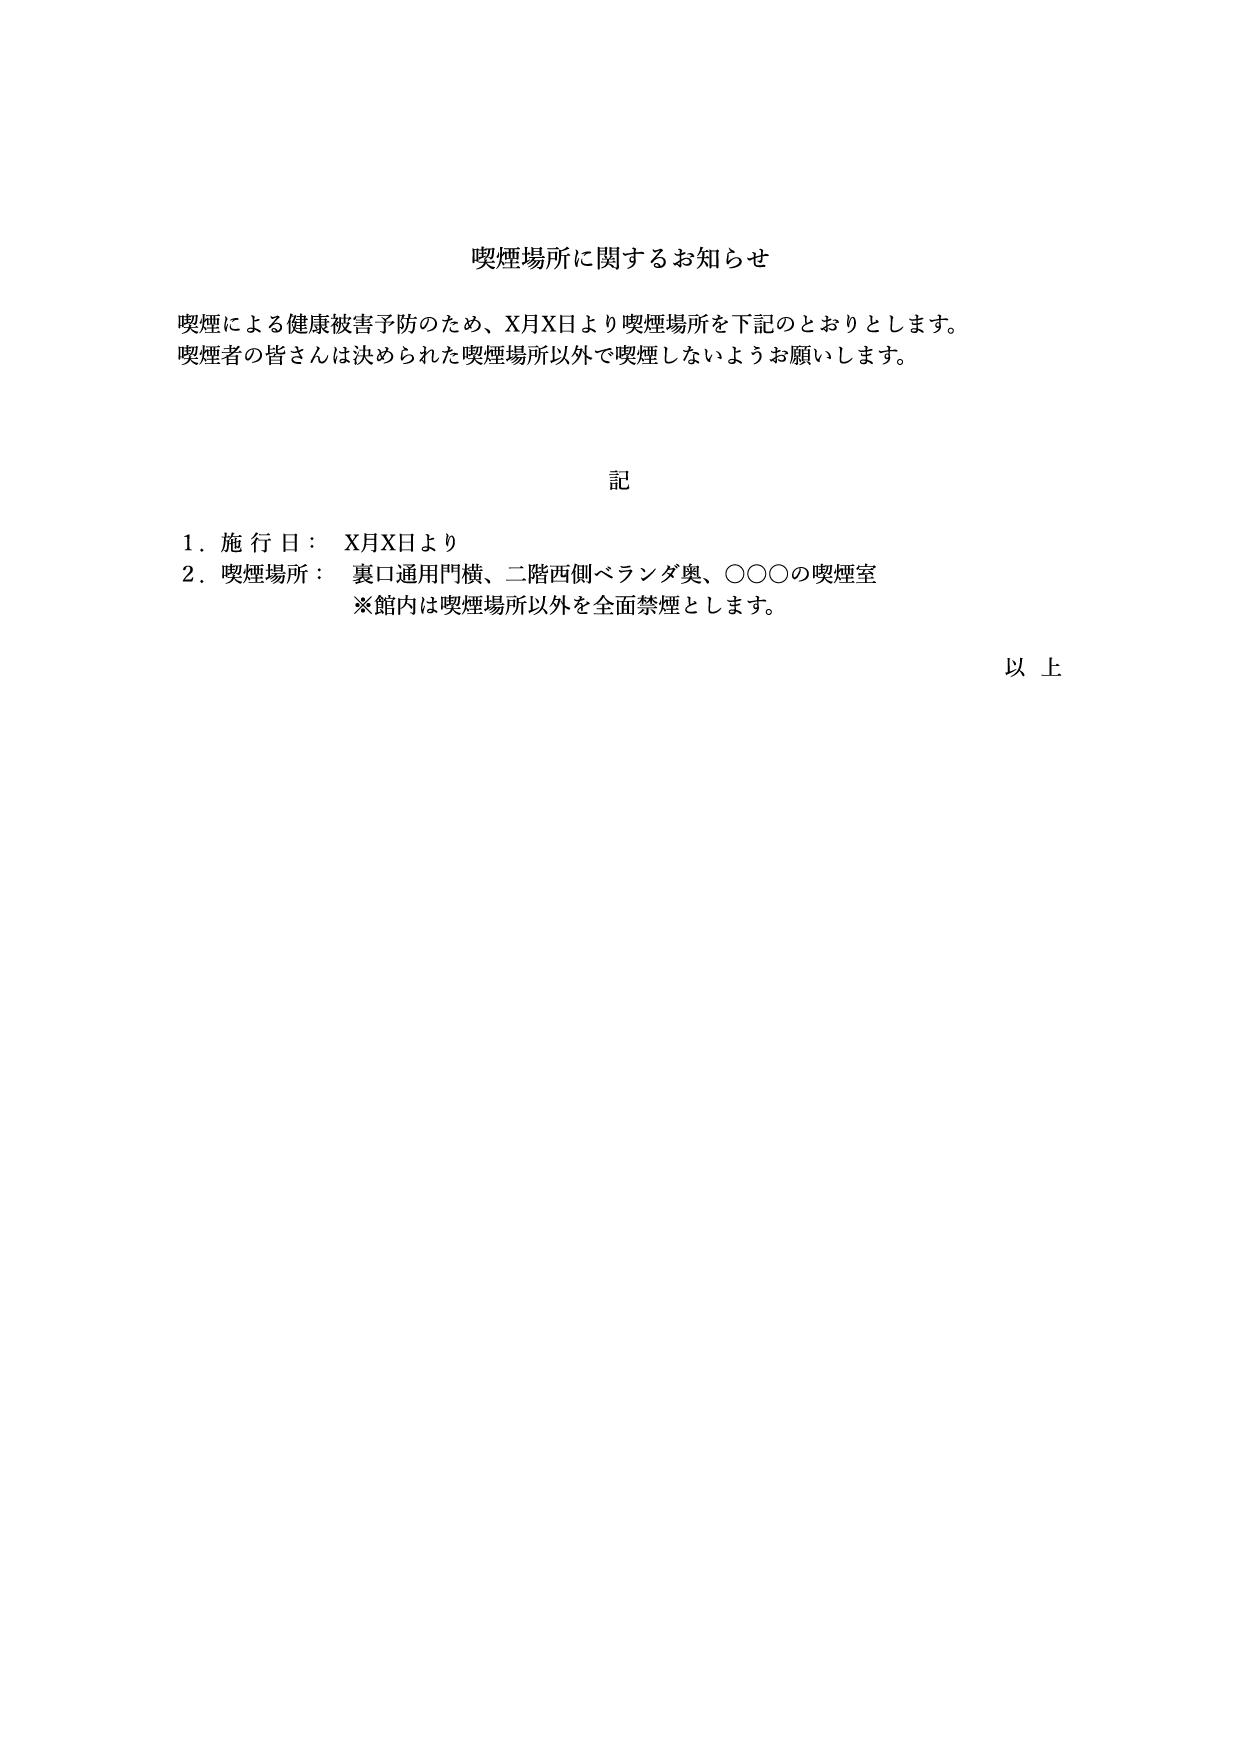 通知書テンプレート総務連絡『喫煙場所』(ワード・ページズ)